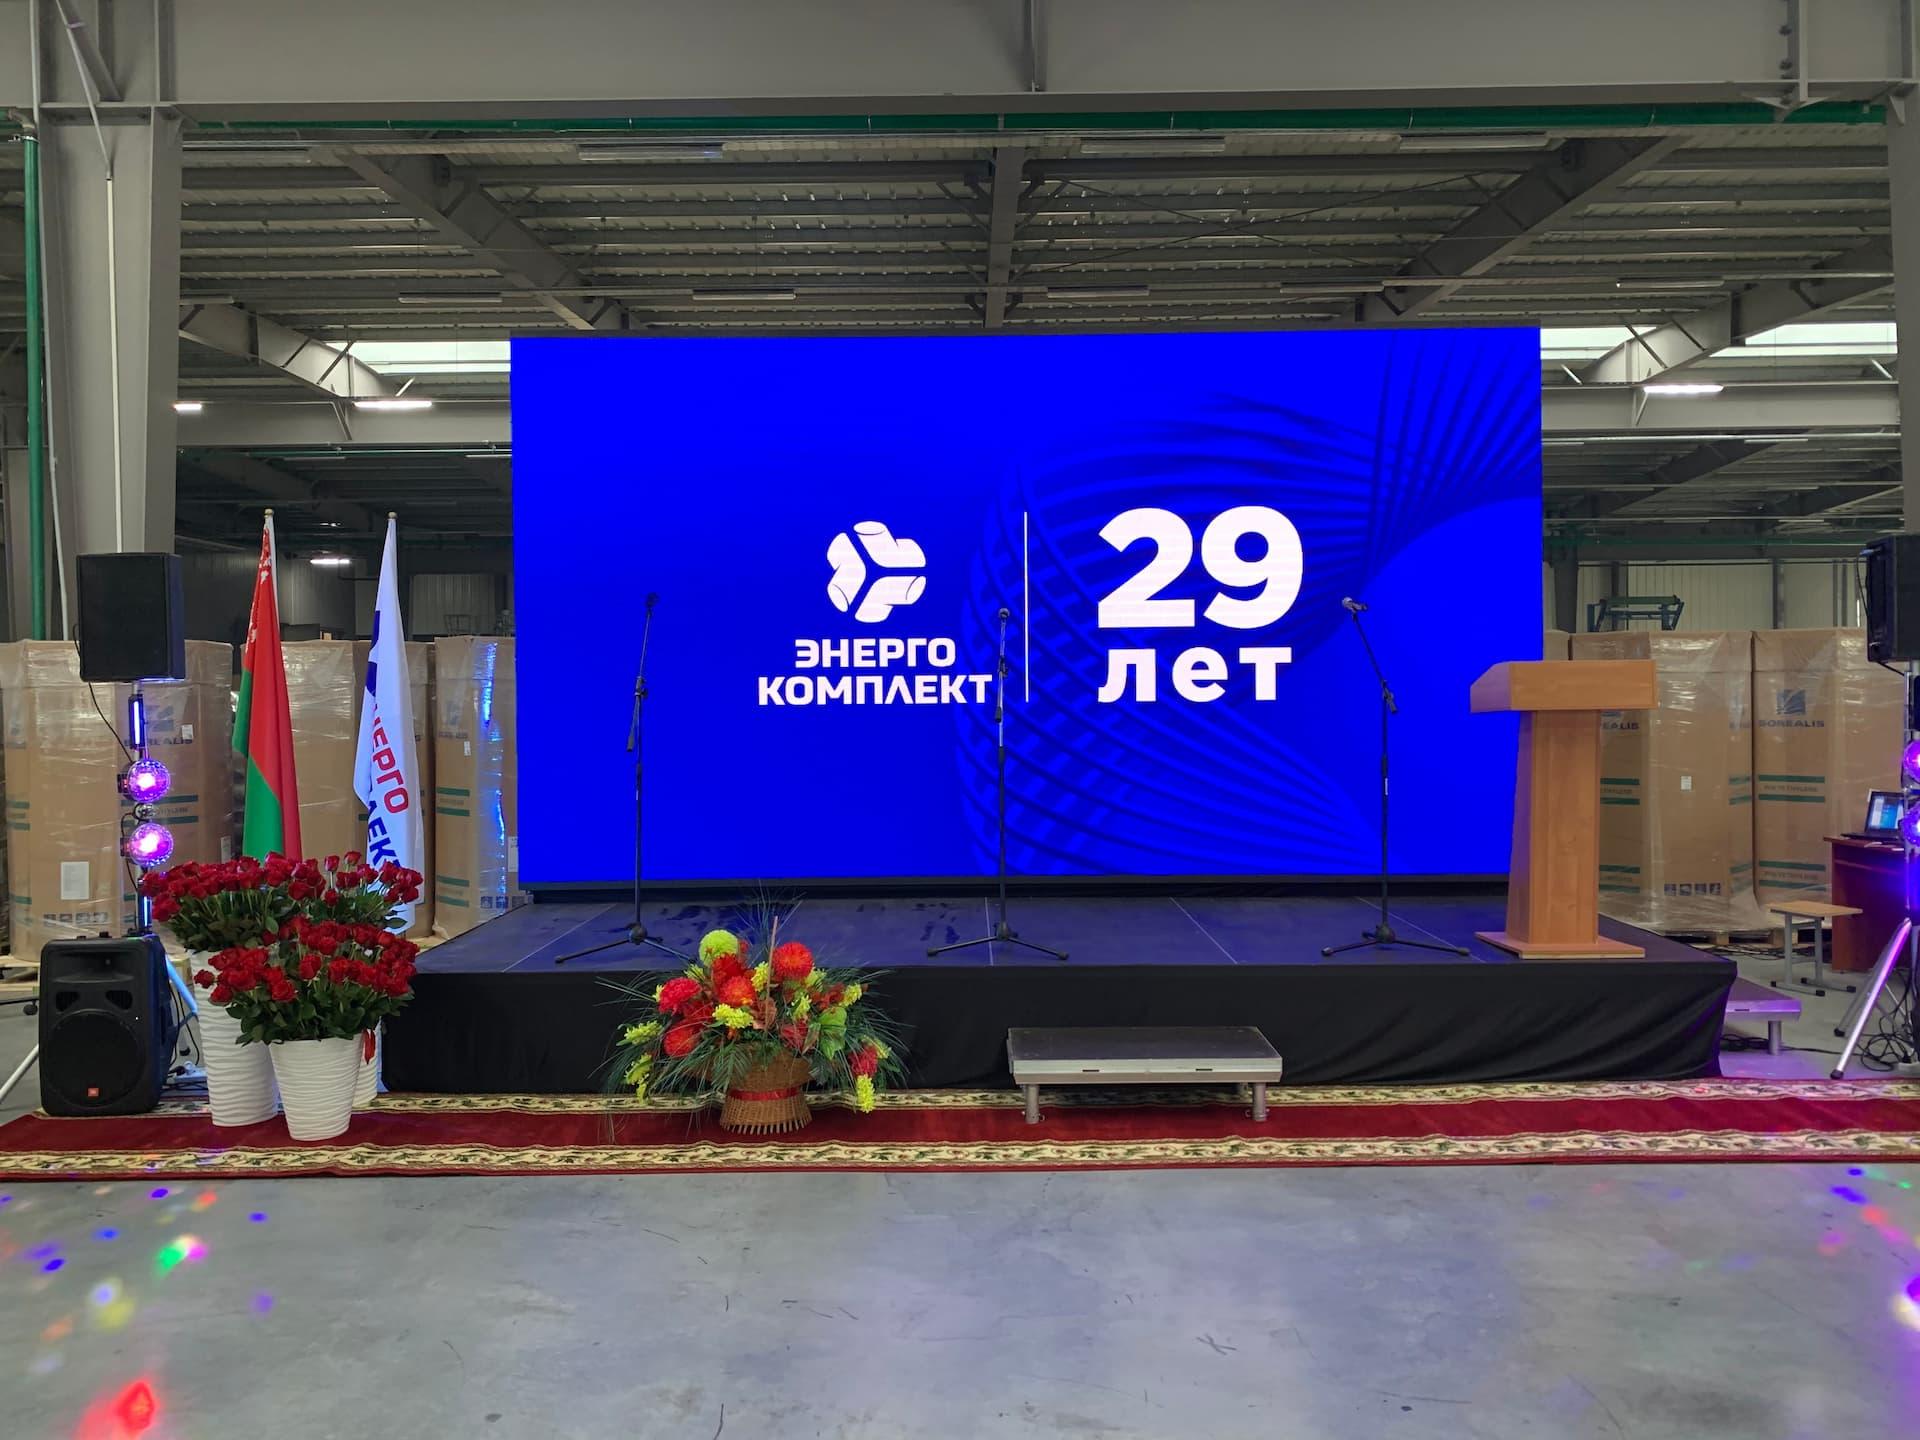 Светодиодный экран 5.5x3 на 29-летие ПО Энергокомплект